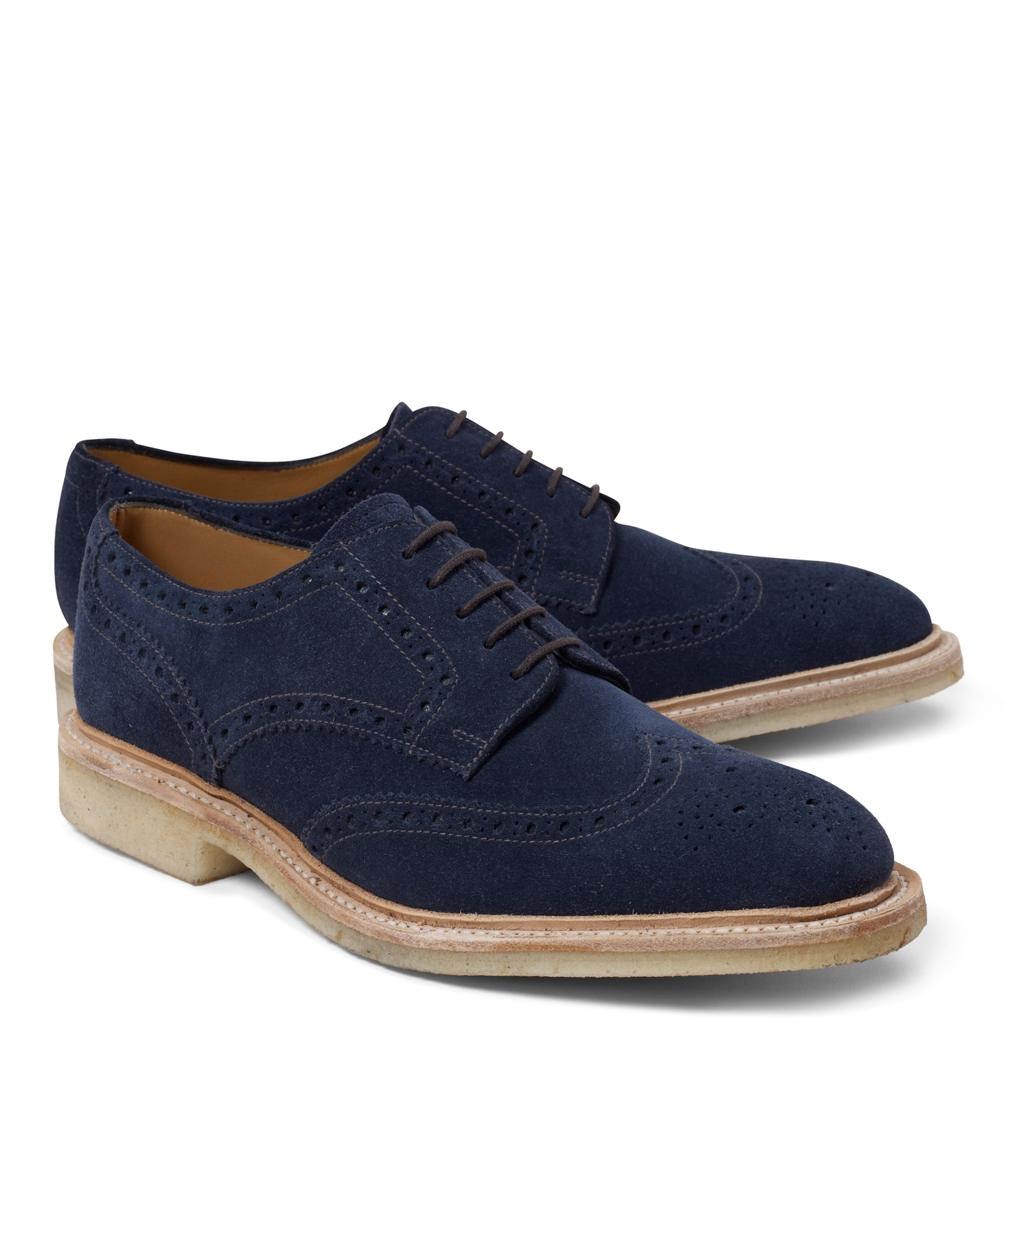 Mens Blue Suede Shoes Topman